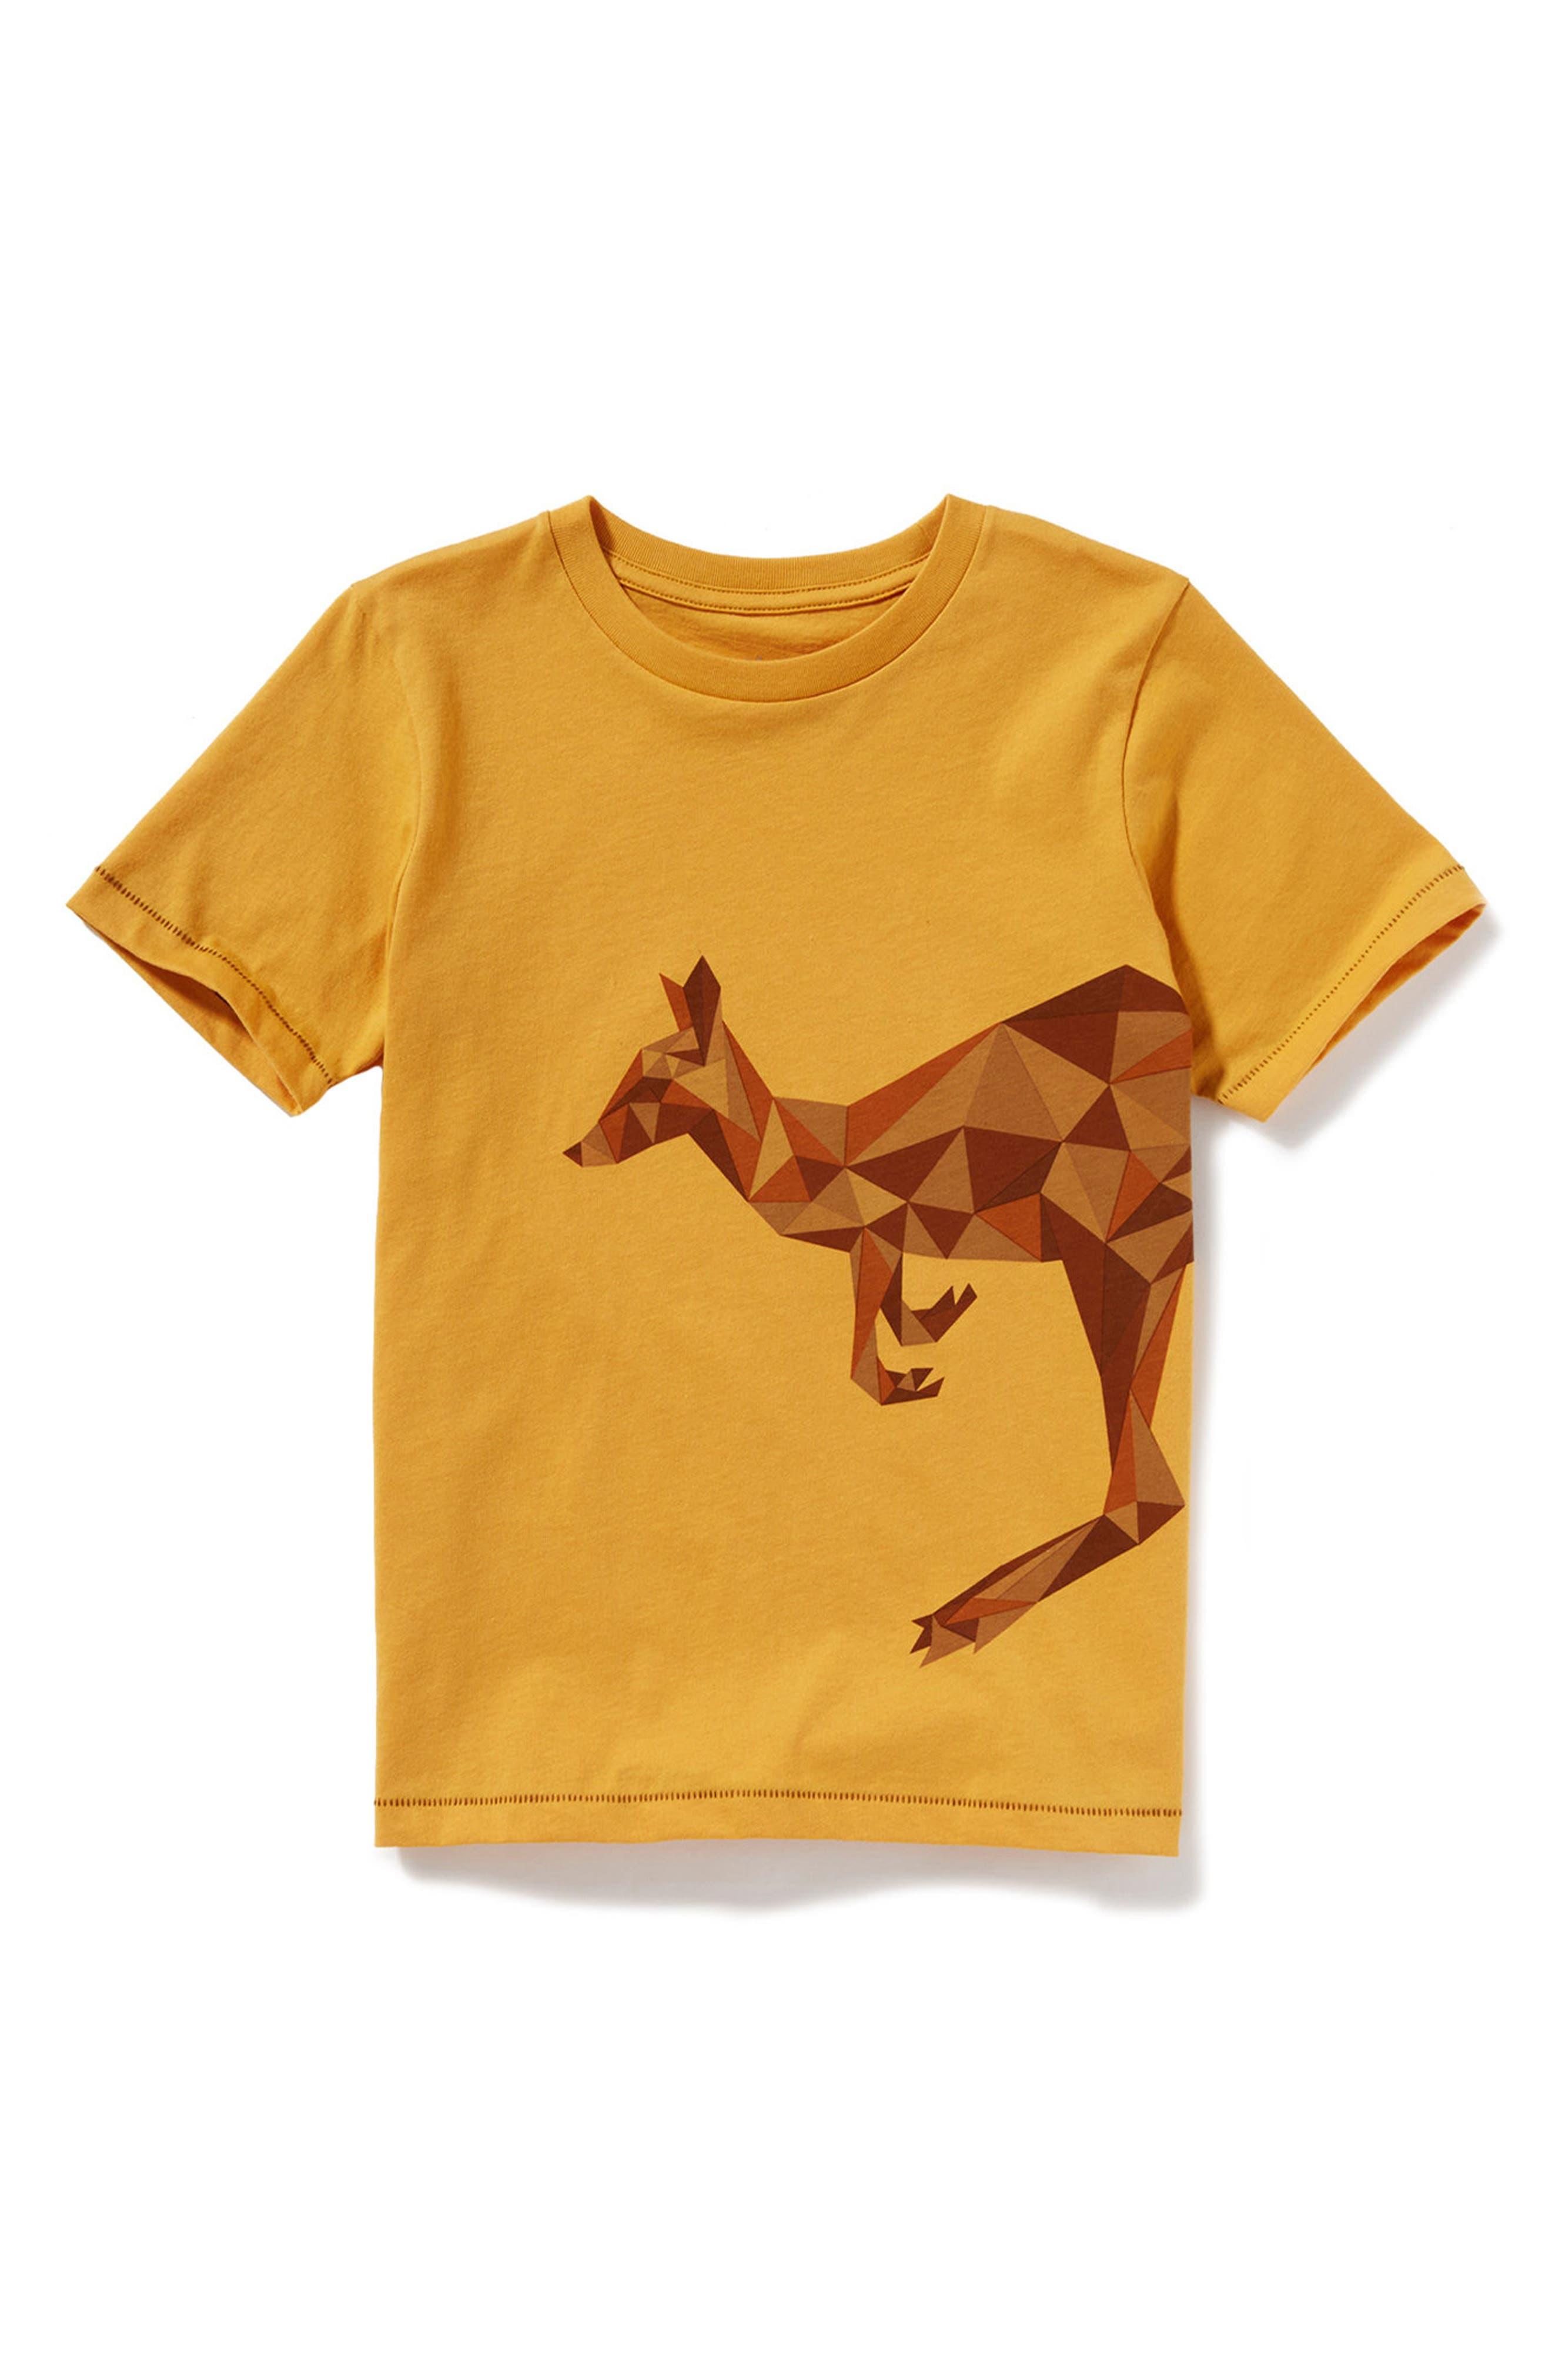 Kangaroo Graphic T-Shirt,                             Main thumbnail 1, color,                             Yellow